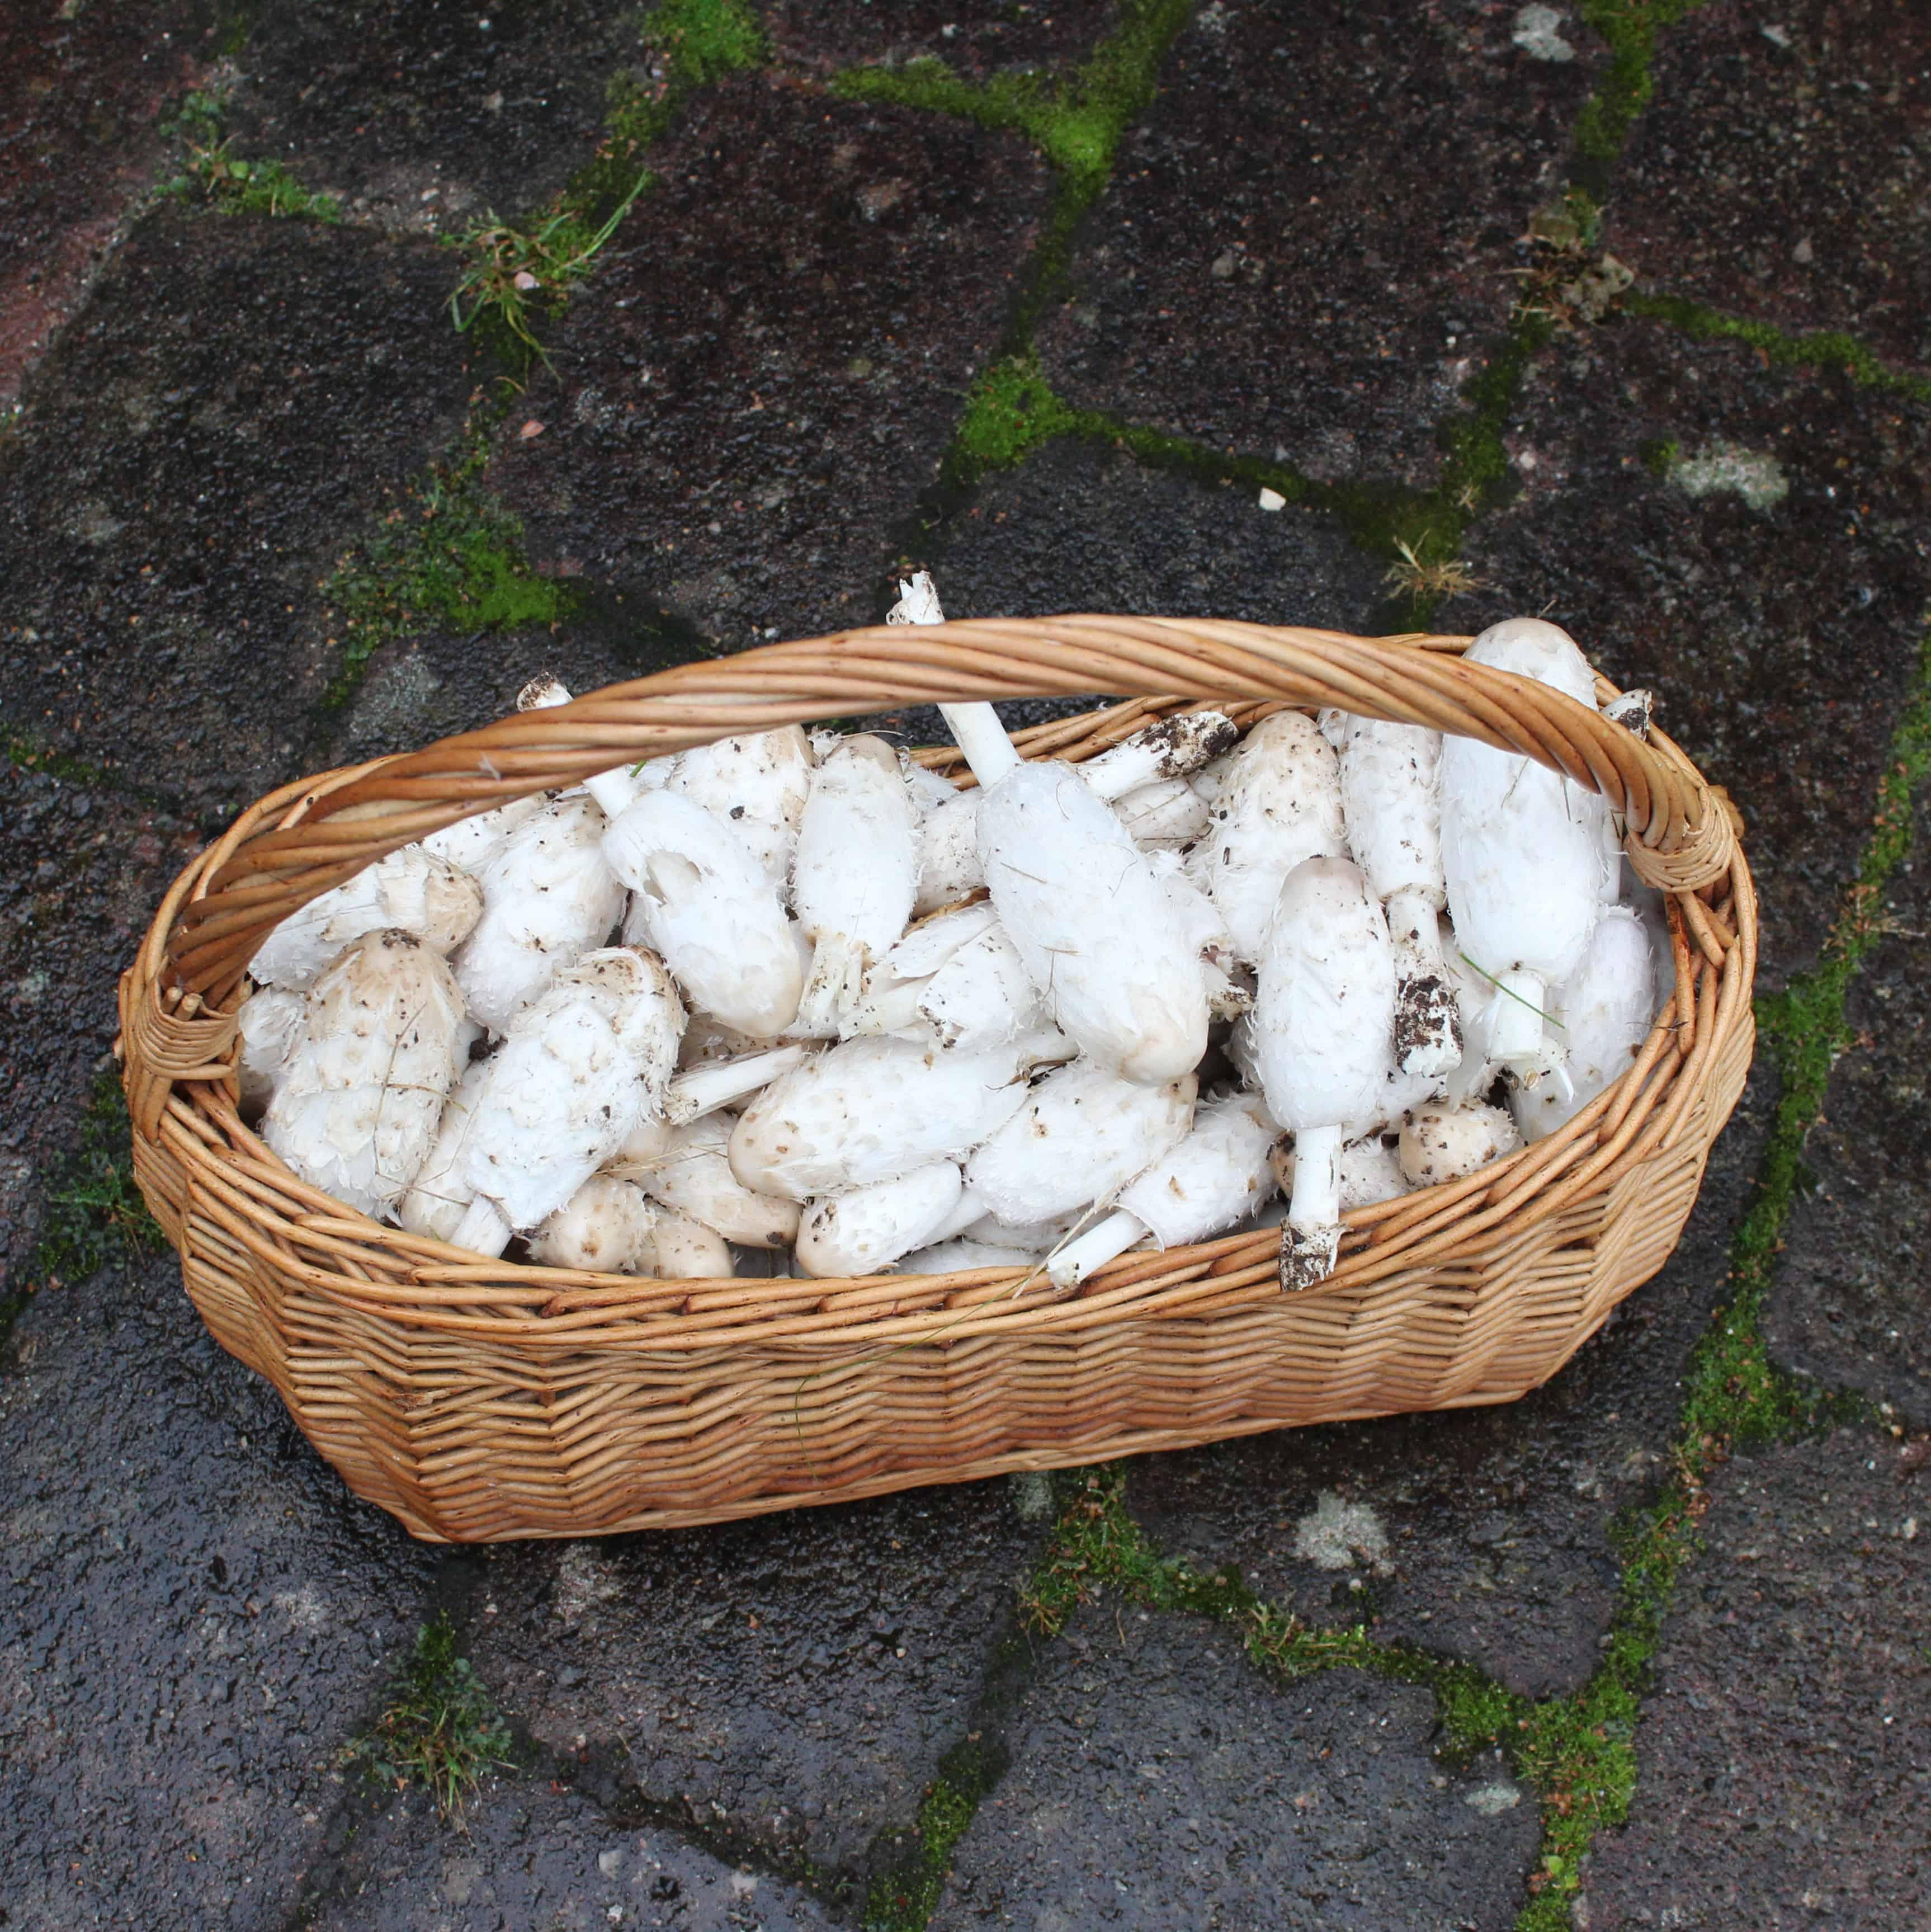 Efterår er svampetid – lav retter med svampe, steg dem og gem dem til senere. Find opskrifter og inspiration til årets gang på danishthings.com #DanishThings #svampe #parykblækhat #spisesvampe #svampe-a-la-creme #svampe-toast #svampetoast #svampesauce #svampetærte #efterår #lækkert #umami